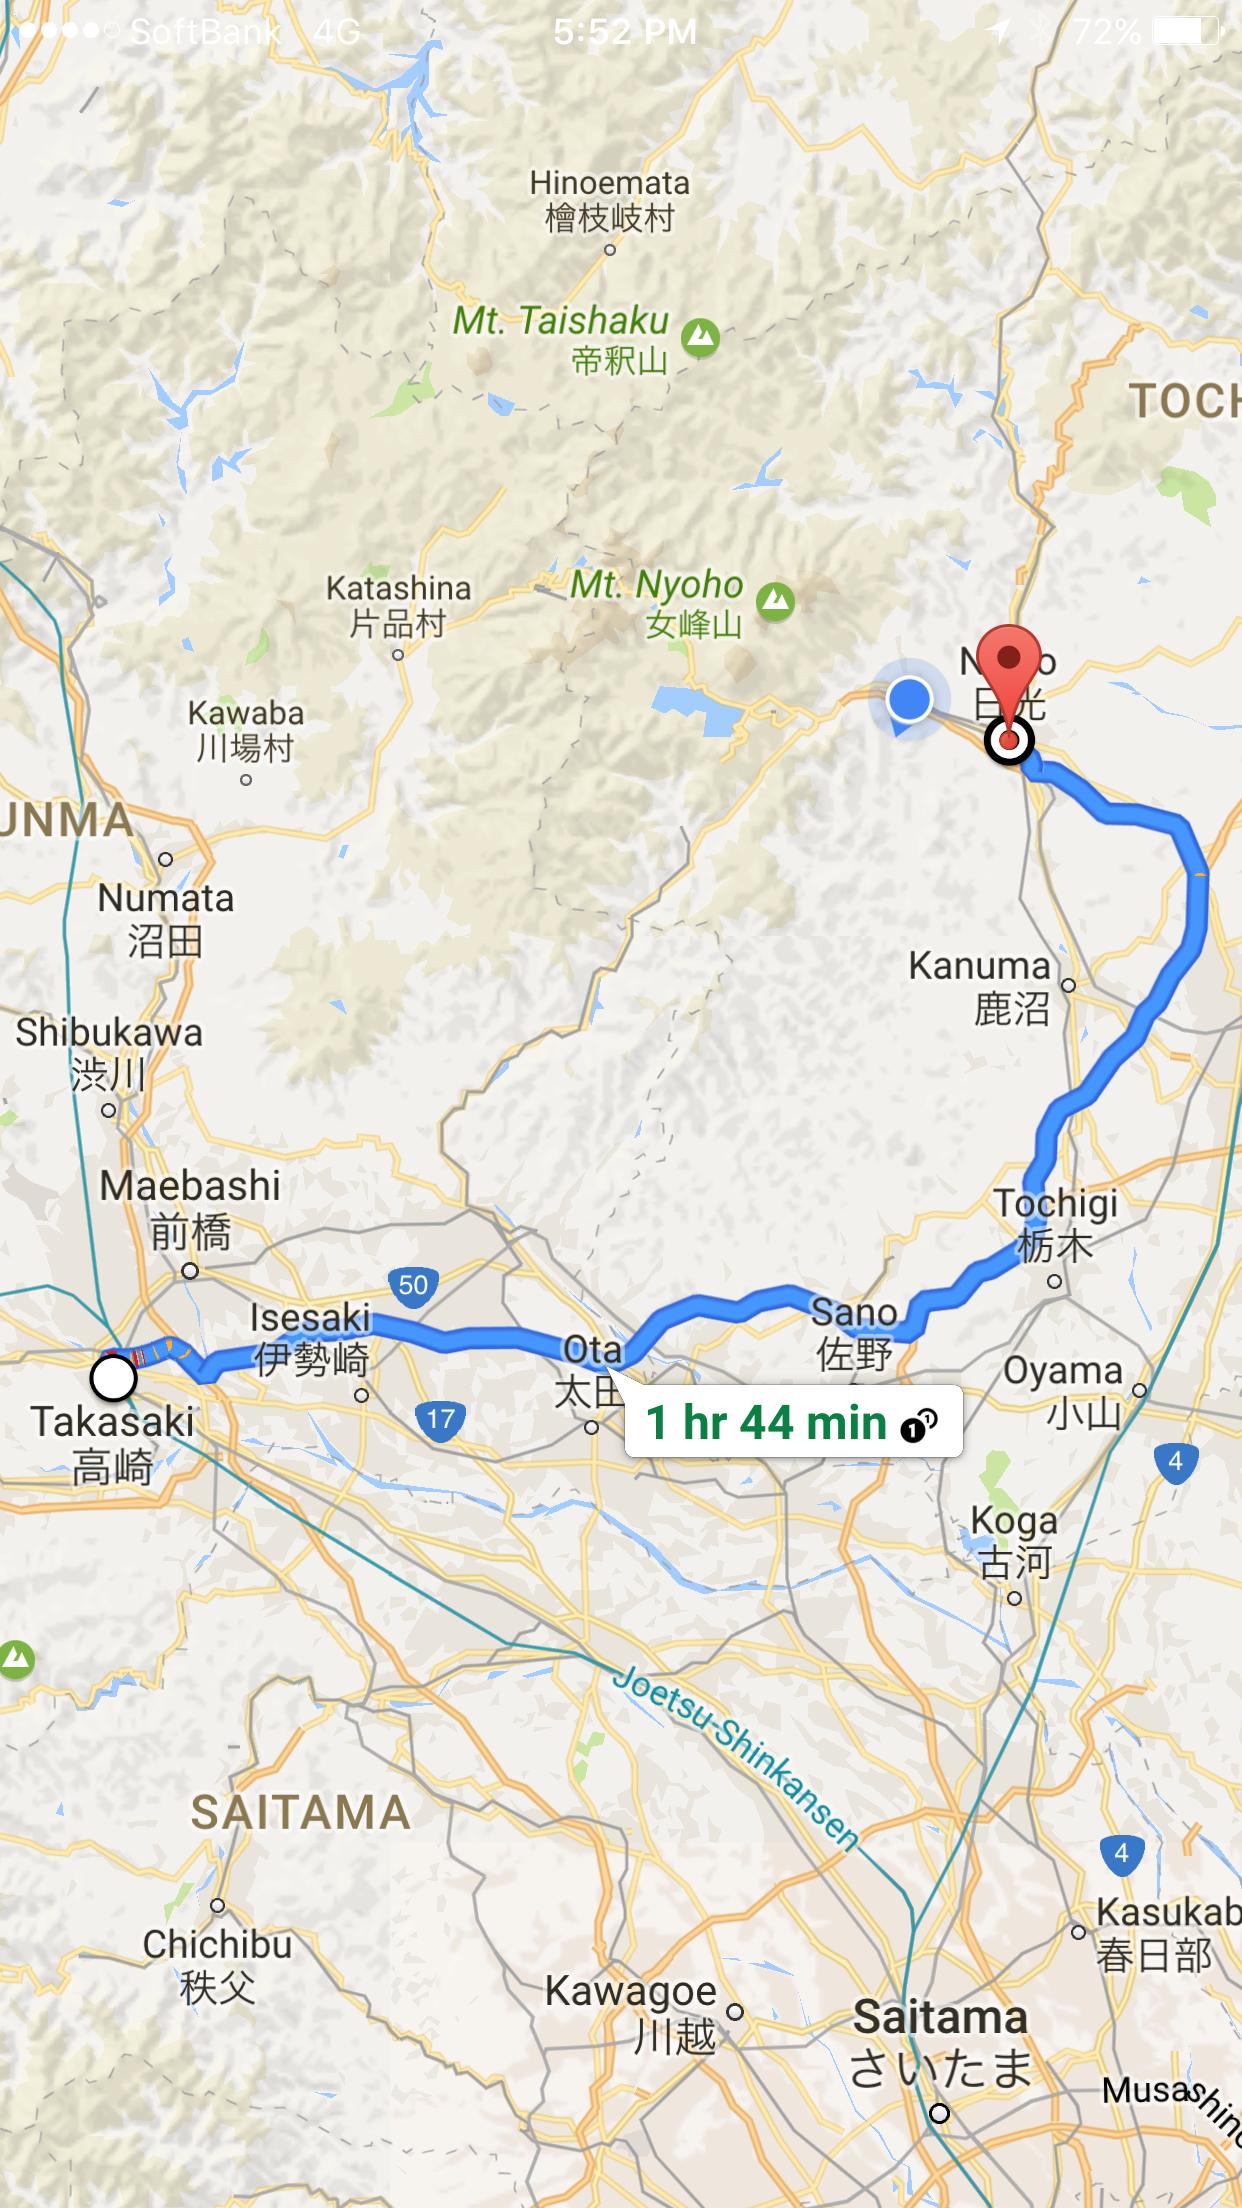 Takasaki to Nikko, Tochigi